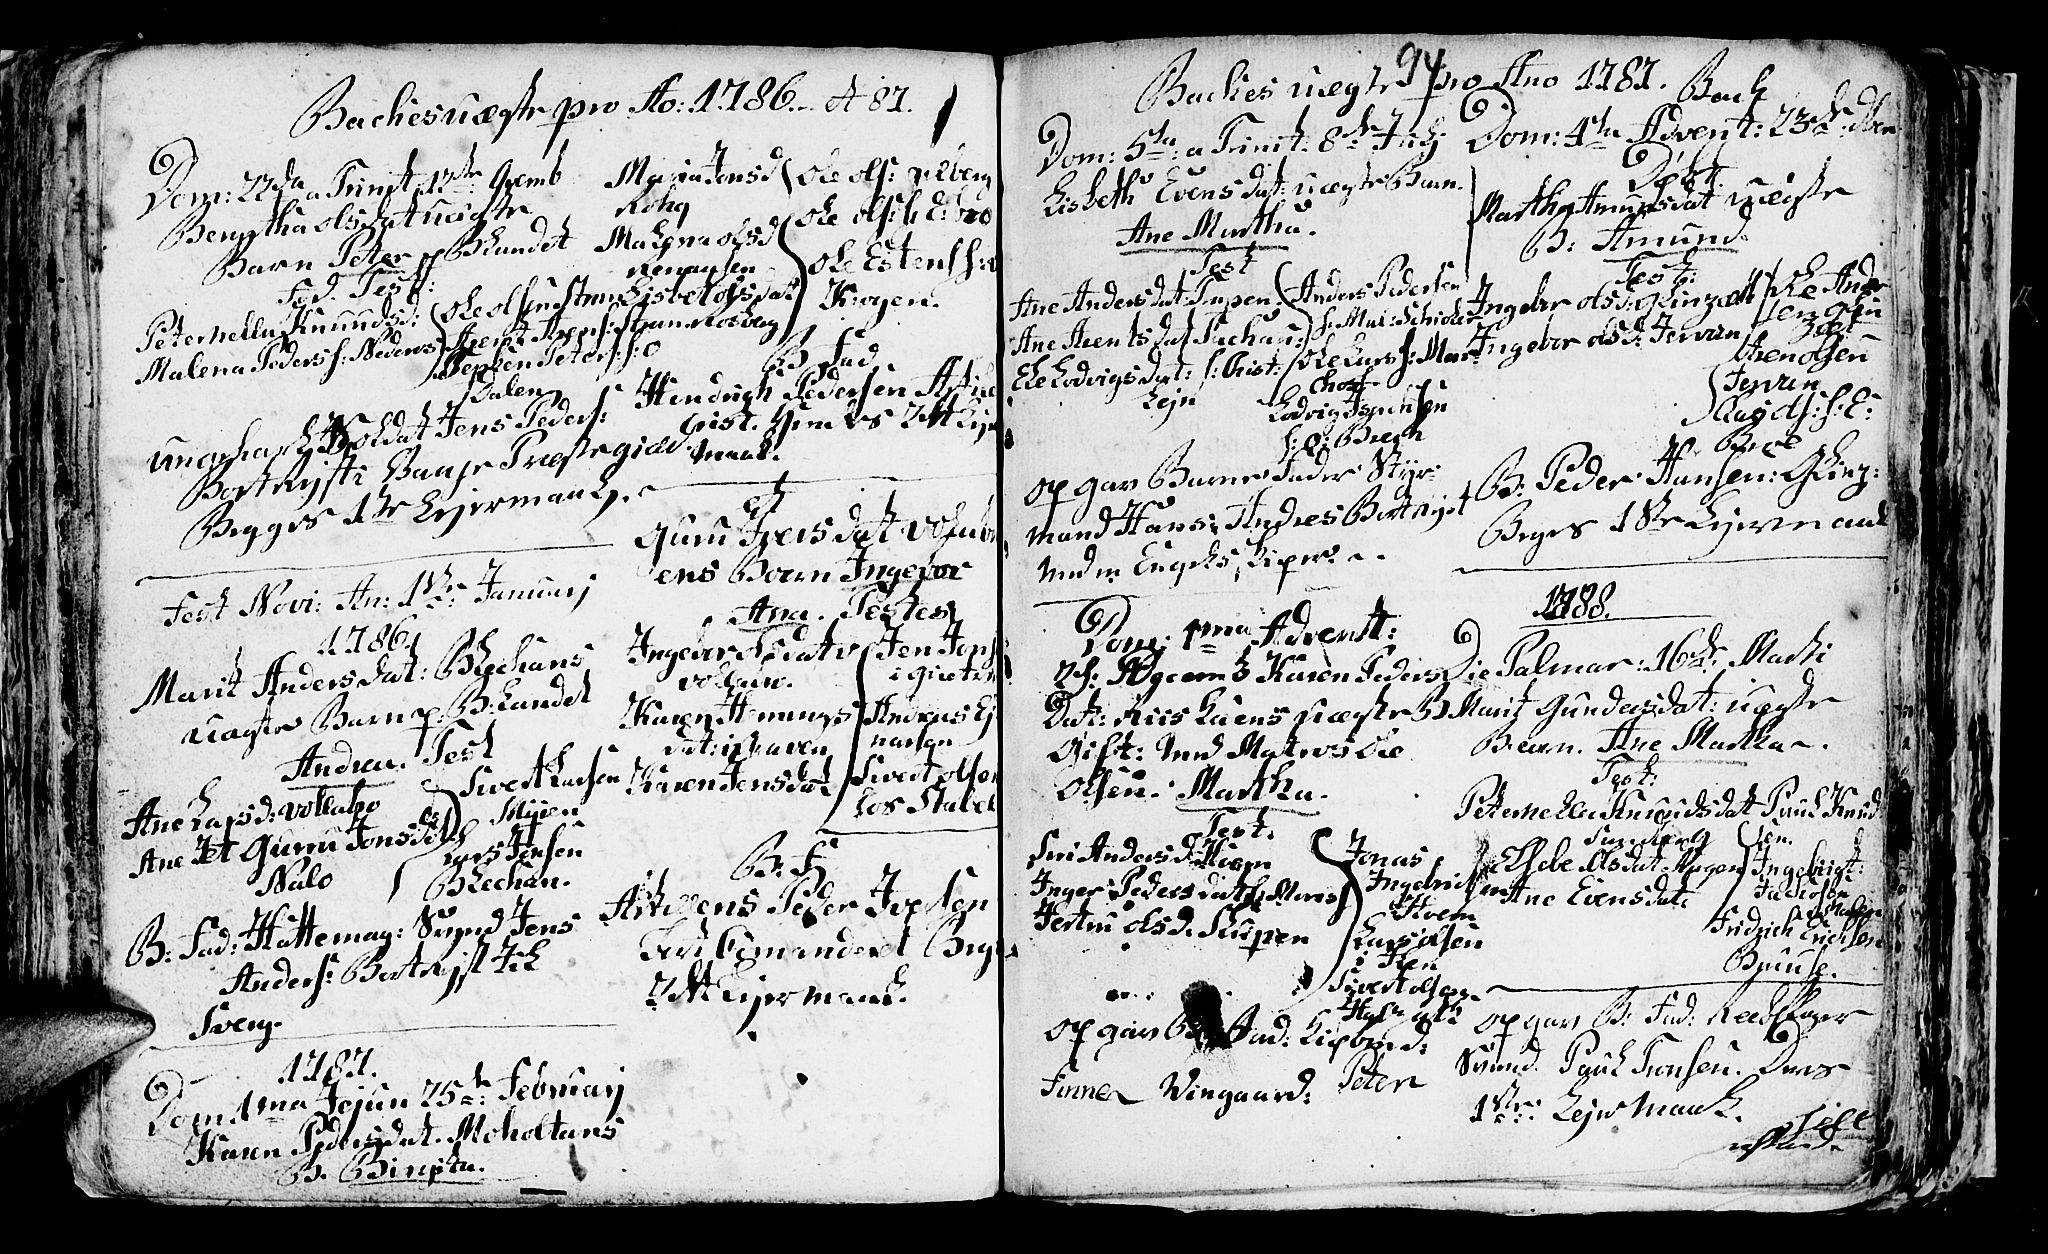 SAT, Ministerialprotokoller, klokkerbøker og fødselsregistre - Sør-Trøndelag, 604/L0218: Klokkerbok nr. 604C01, 1754-1819, s. 94